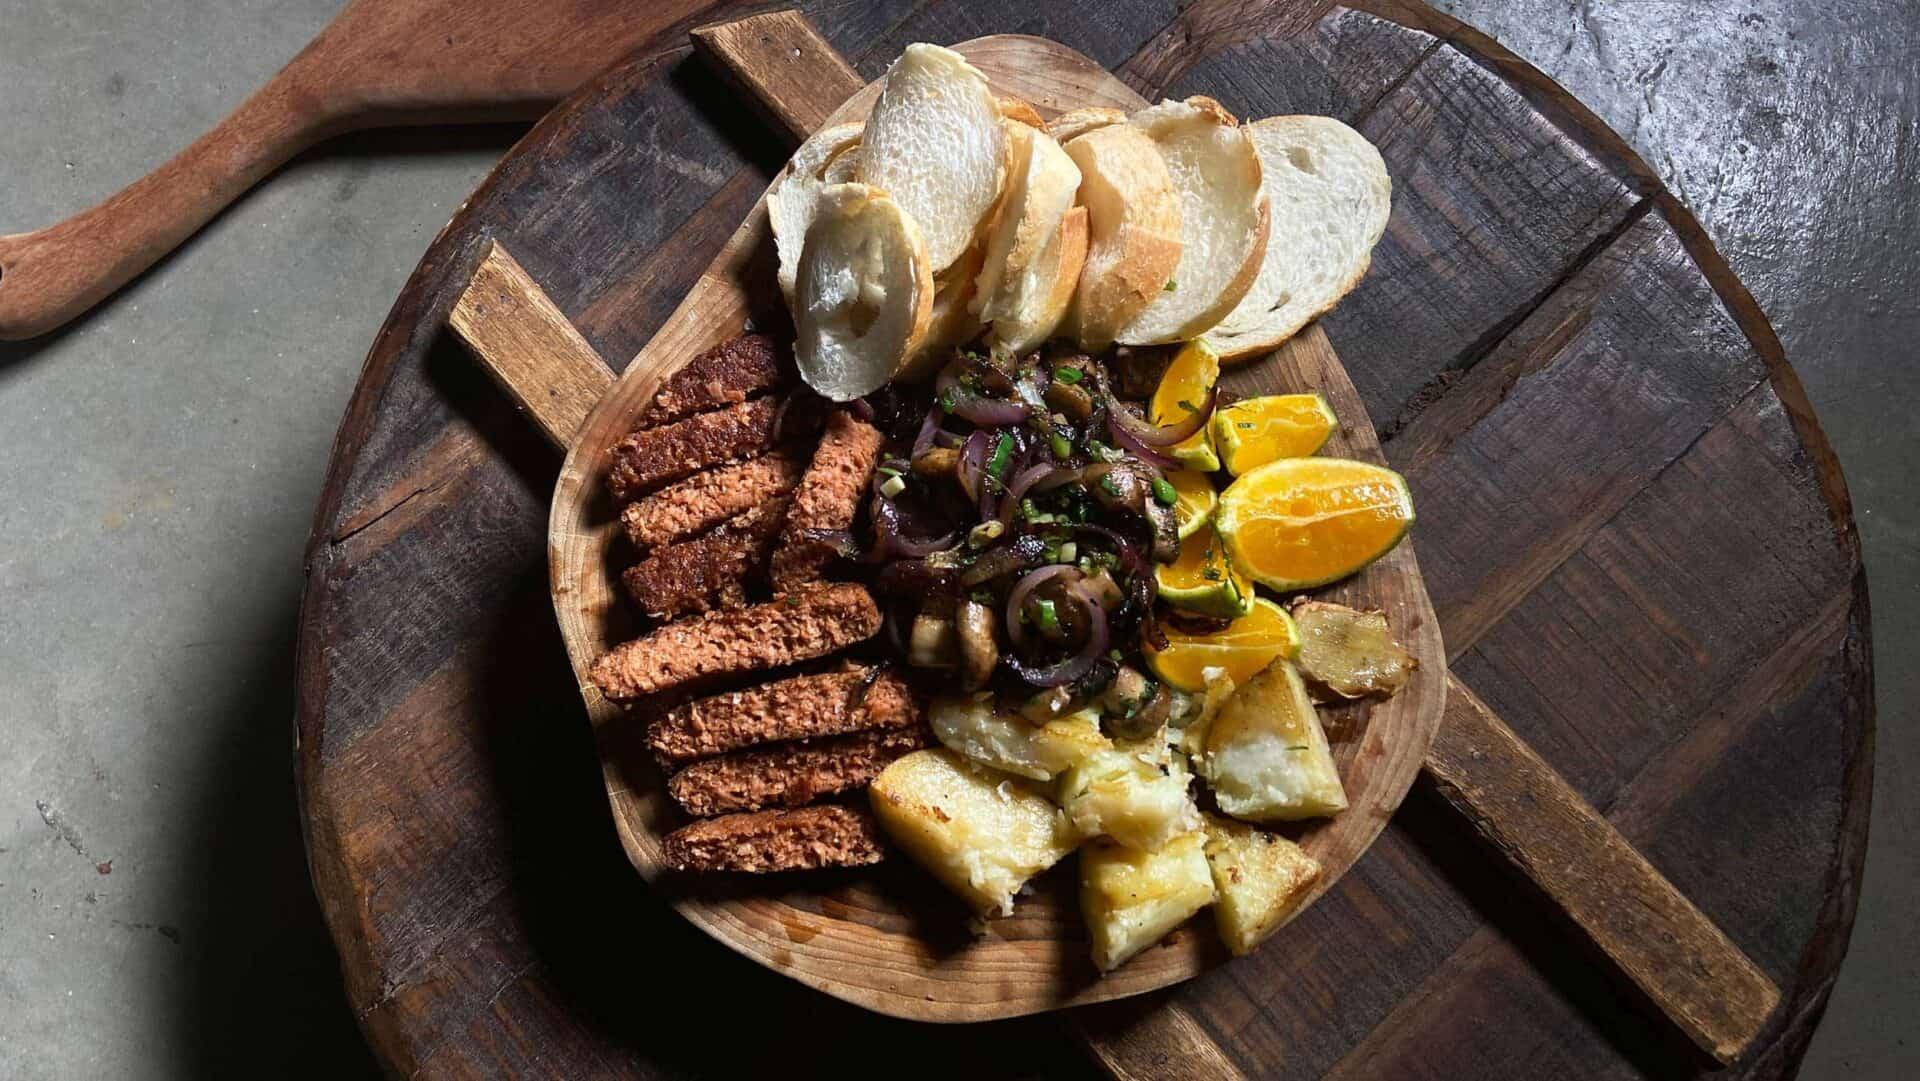 Tábua de aperitivos feito com carne de plantas